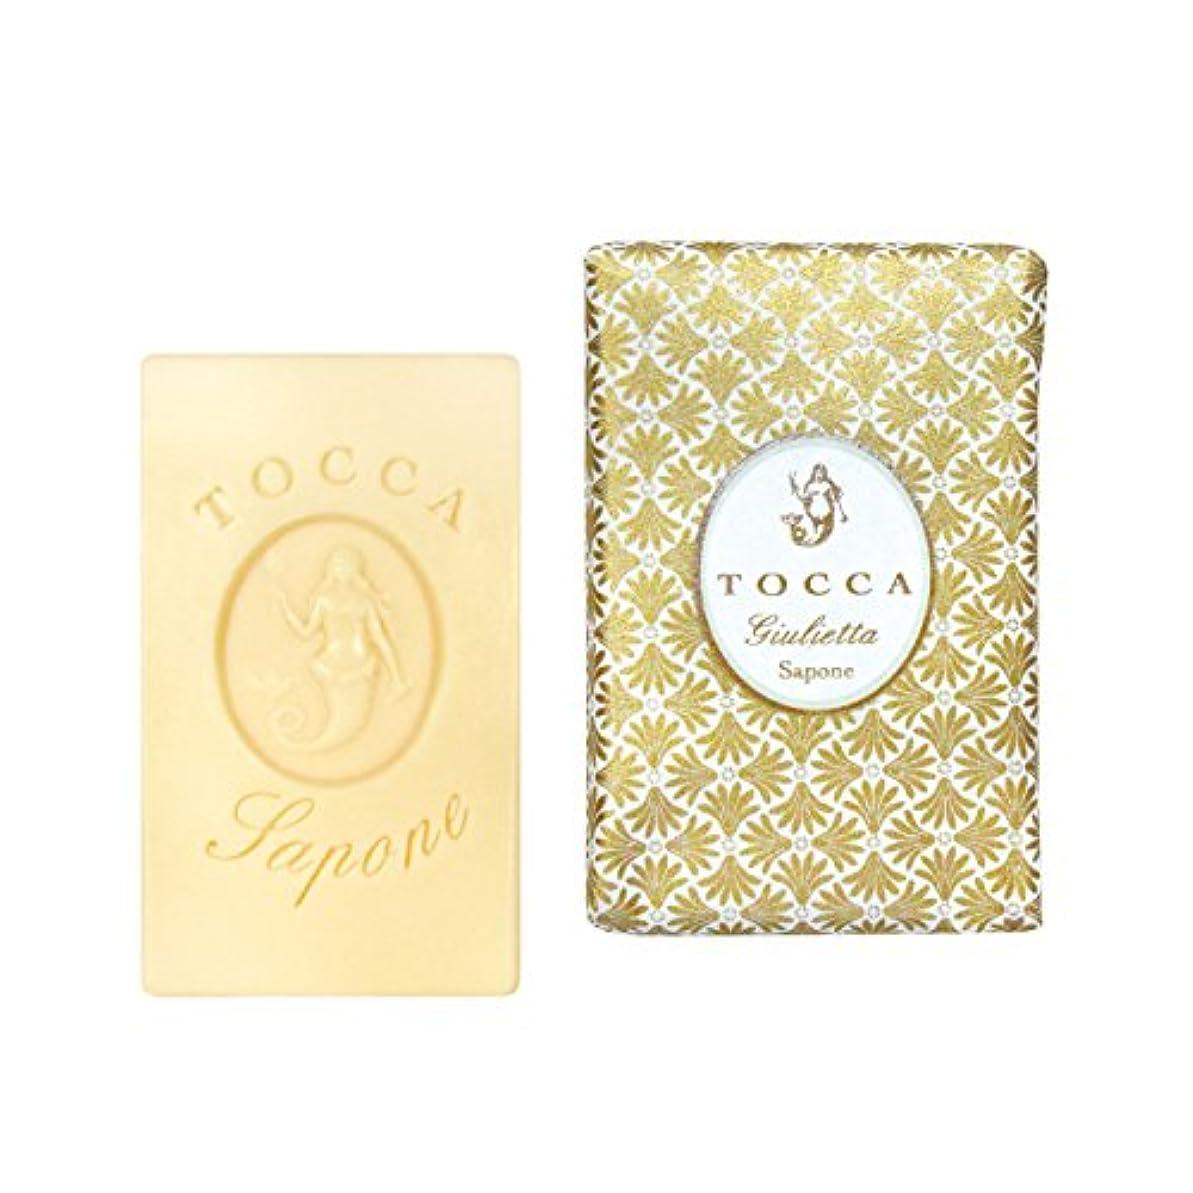 富別に同種のトッカ(TOCCA) ソープバー ジュリエッタの香り 113g(化粧石けん ピンクチューリップとグリーンアップルの爽やかで甘い香り)